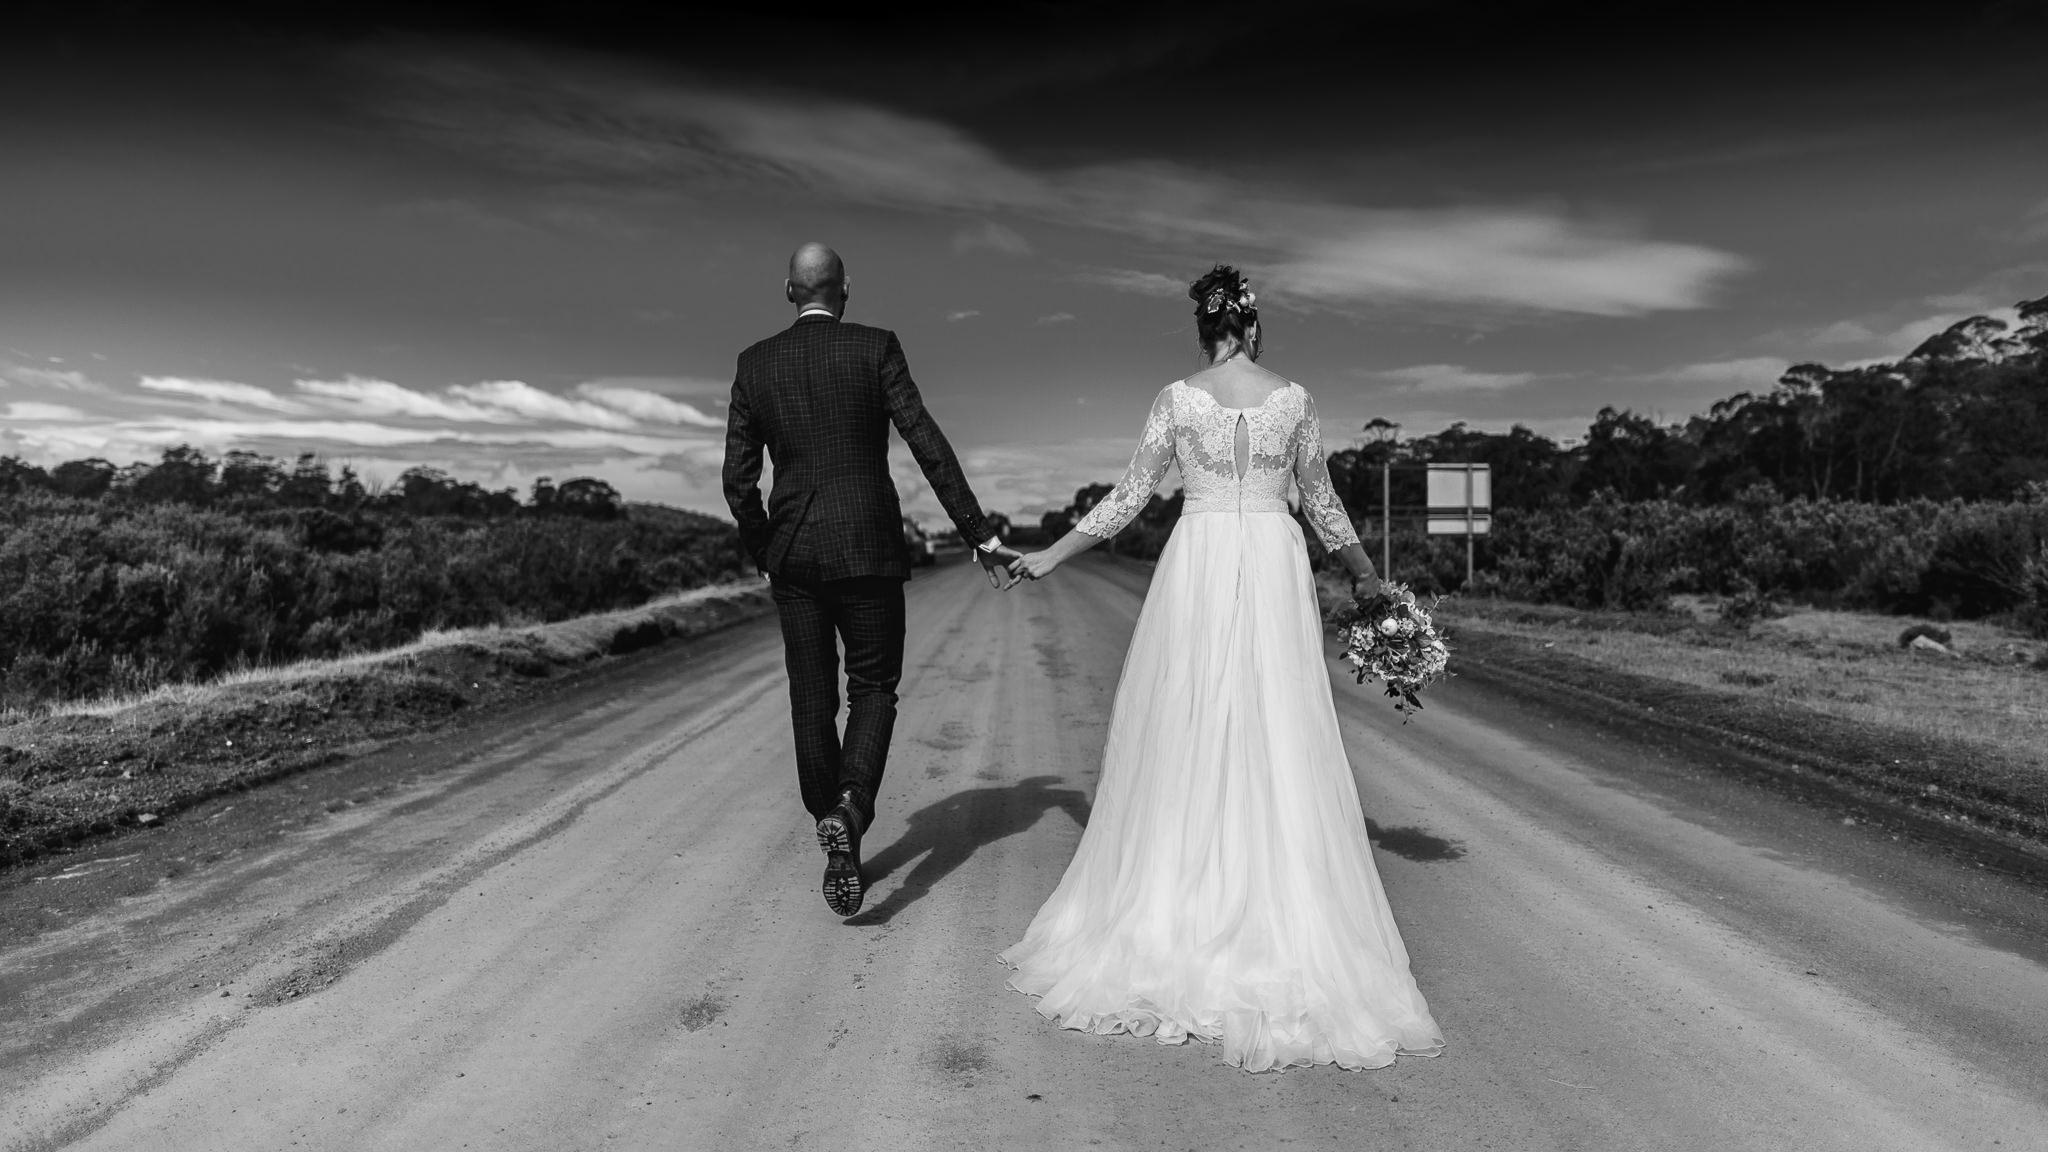 Pumphouse_Point_wedding_photography_elopement643.JPG